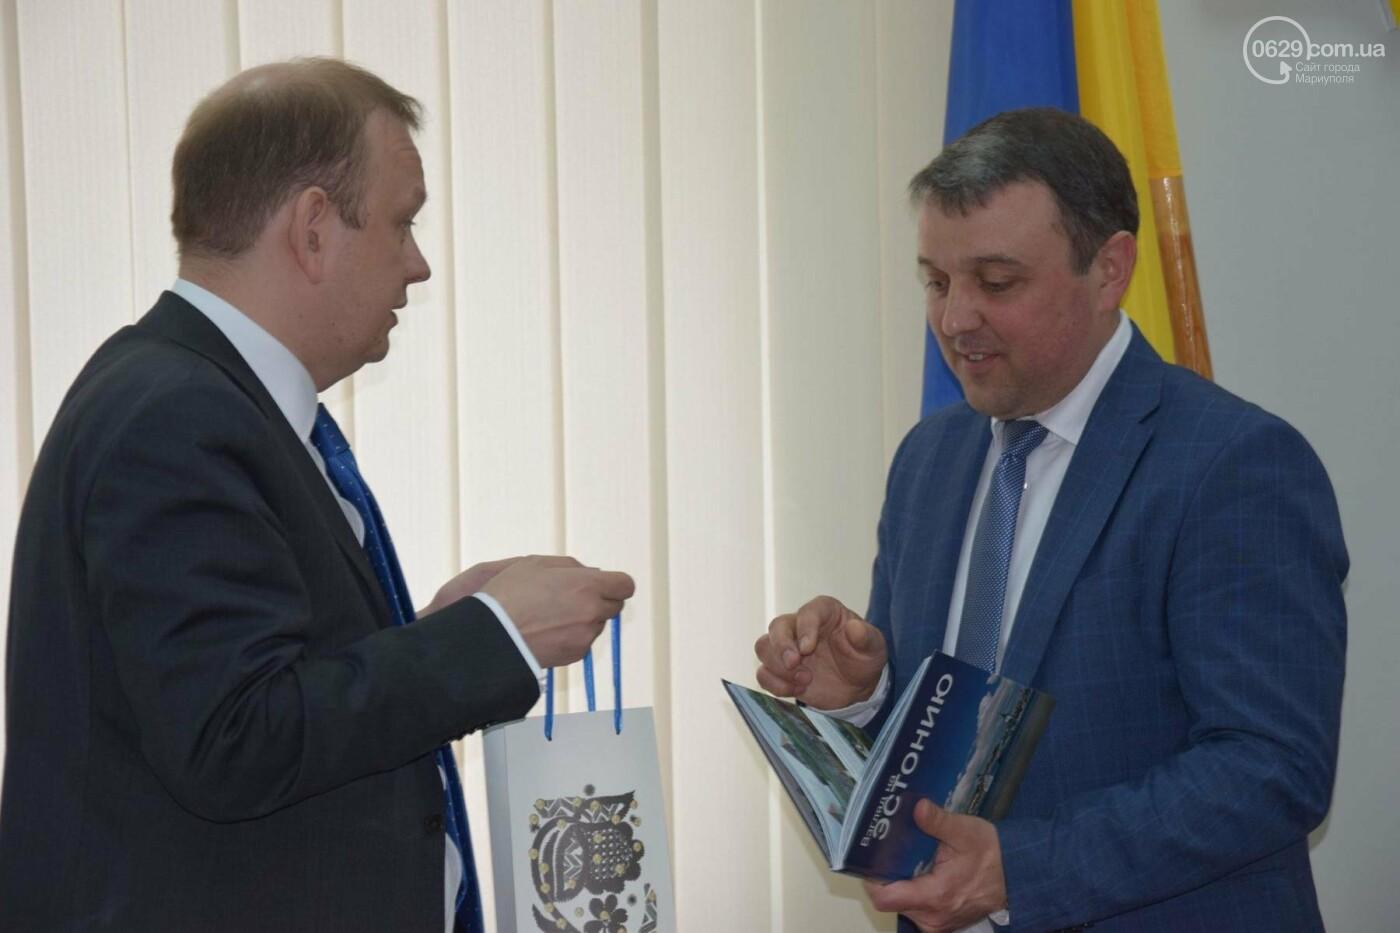 Чрезвычайный и полномочный посол Эстонии приехал в Мариуполь на разведку (ФОТО, ВИДЕО), фото-4